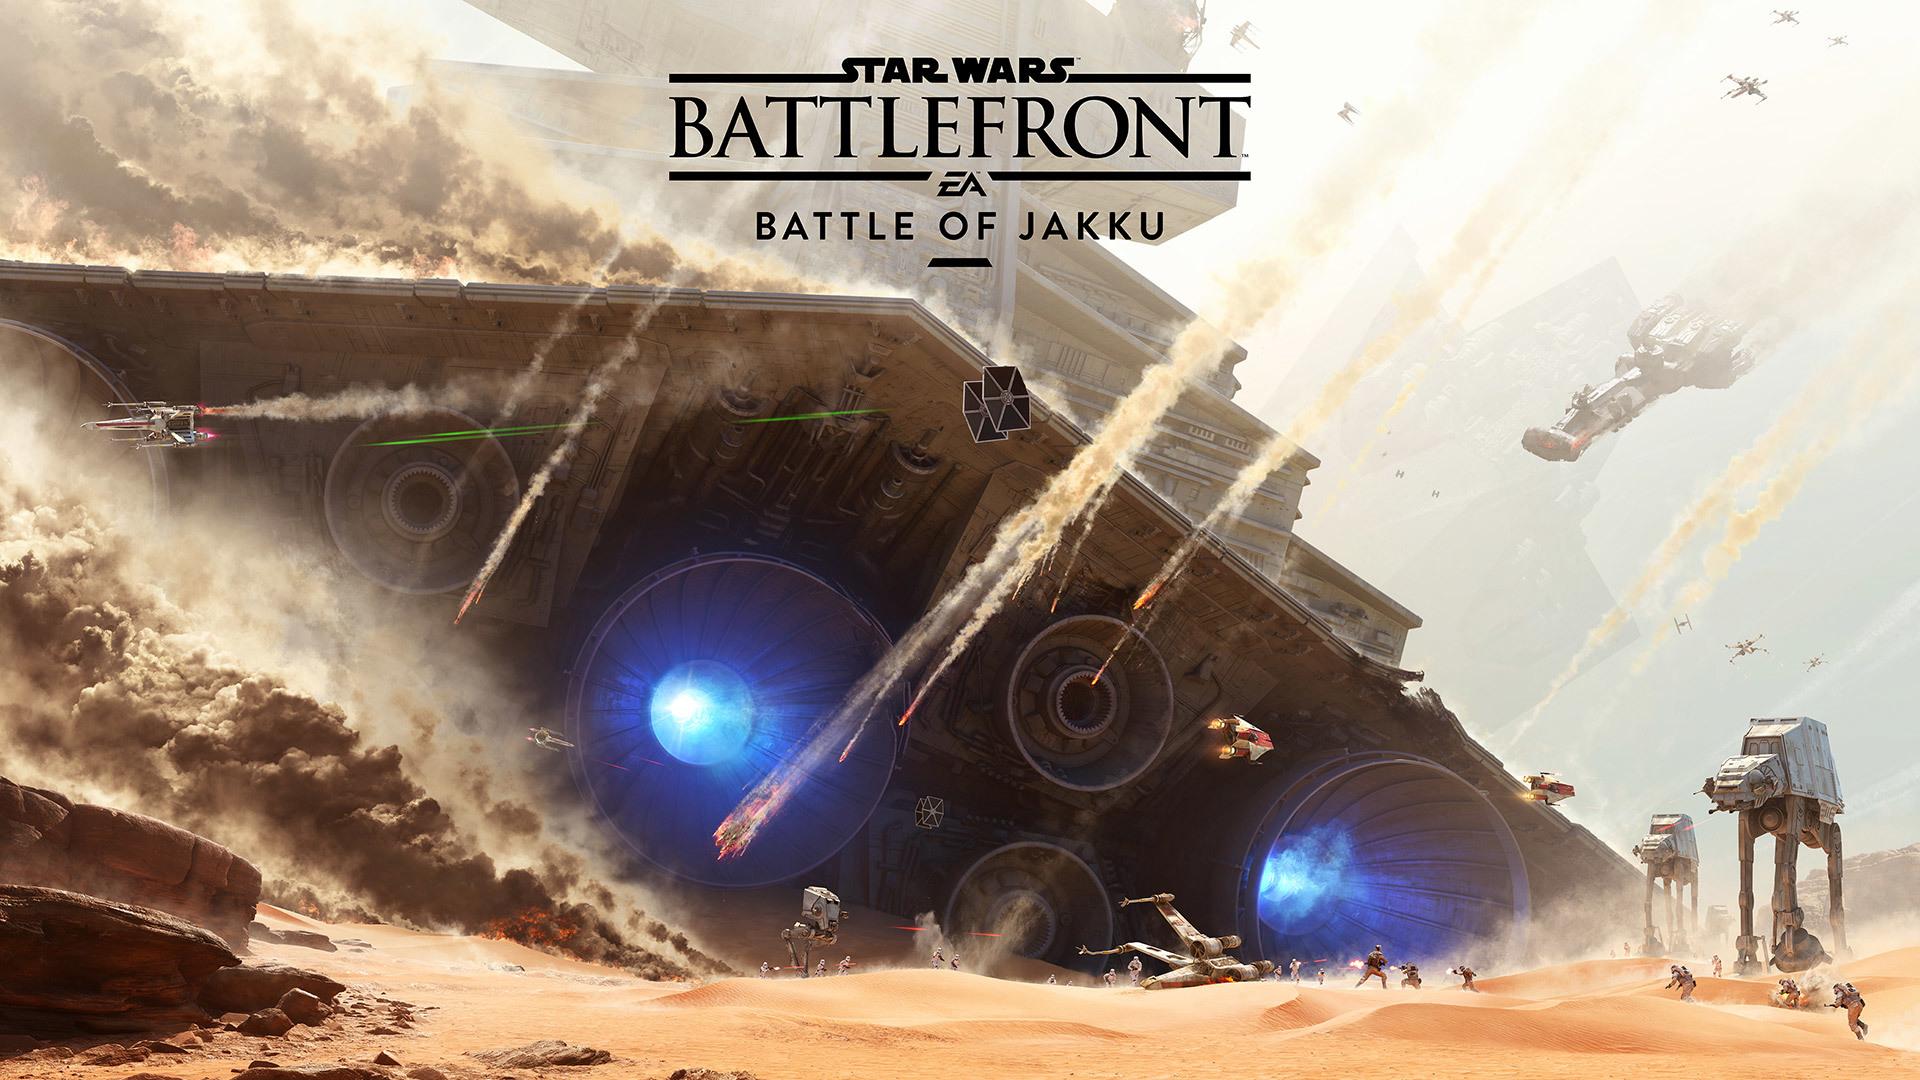 Star Wars Battlefront Battle Of Jakku Hd Wallpaper